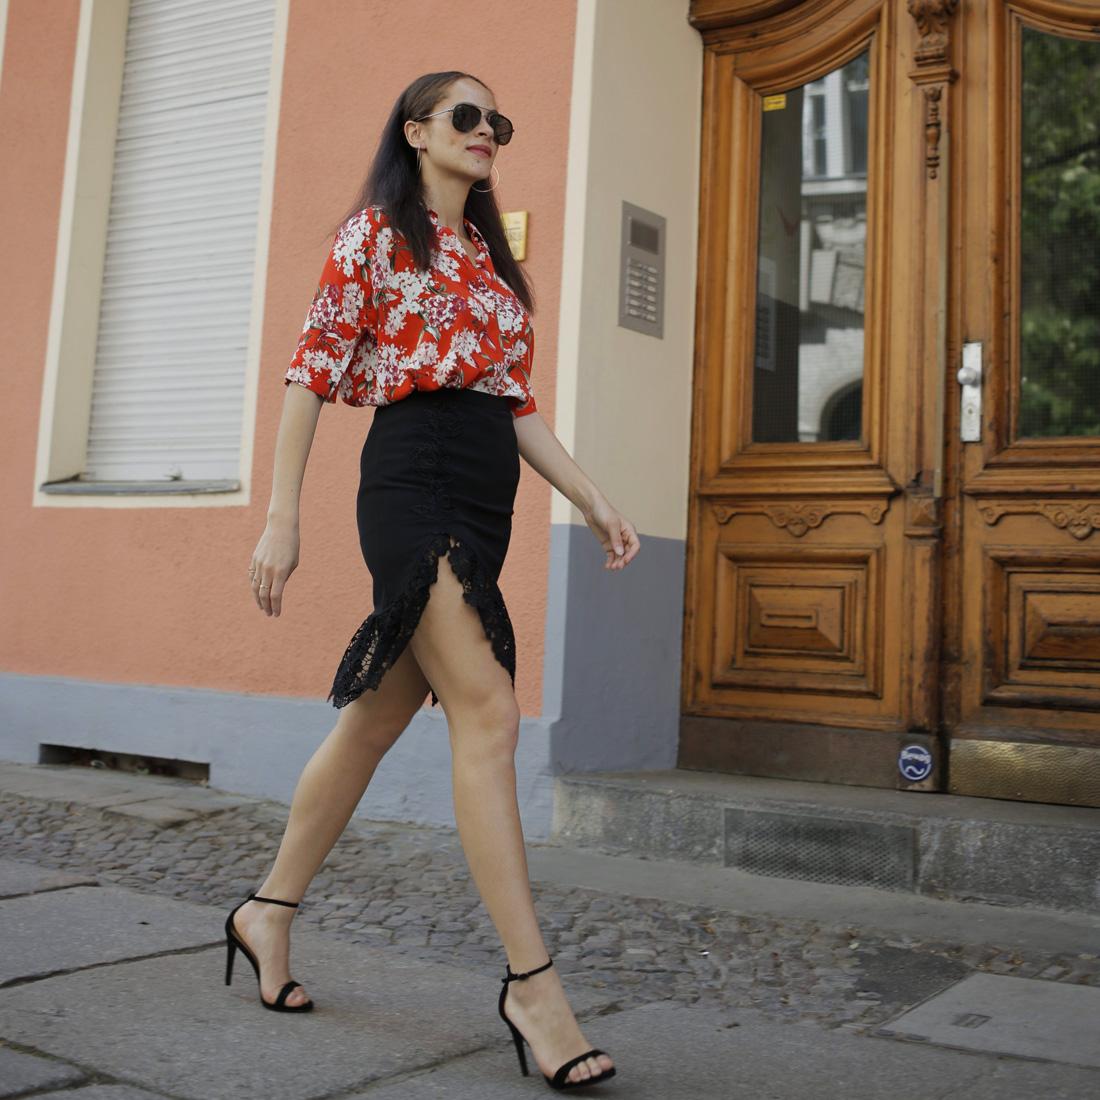 Oui blouse and black lace split midi skirt